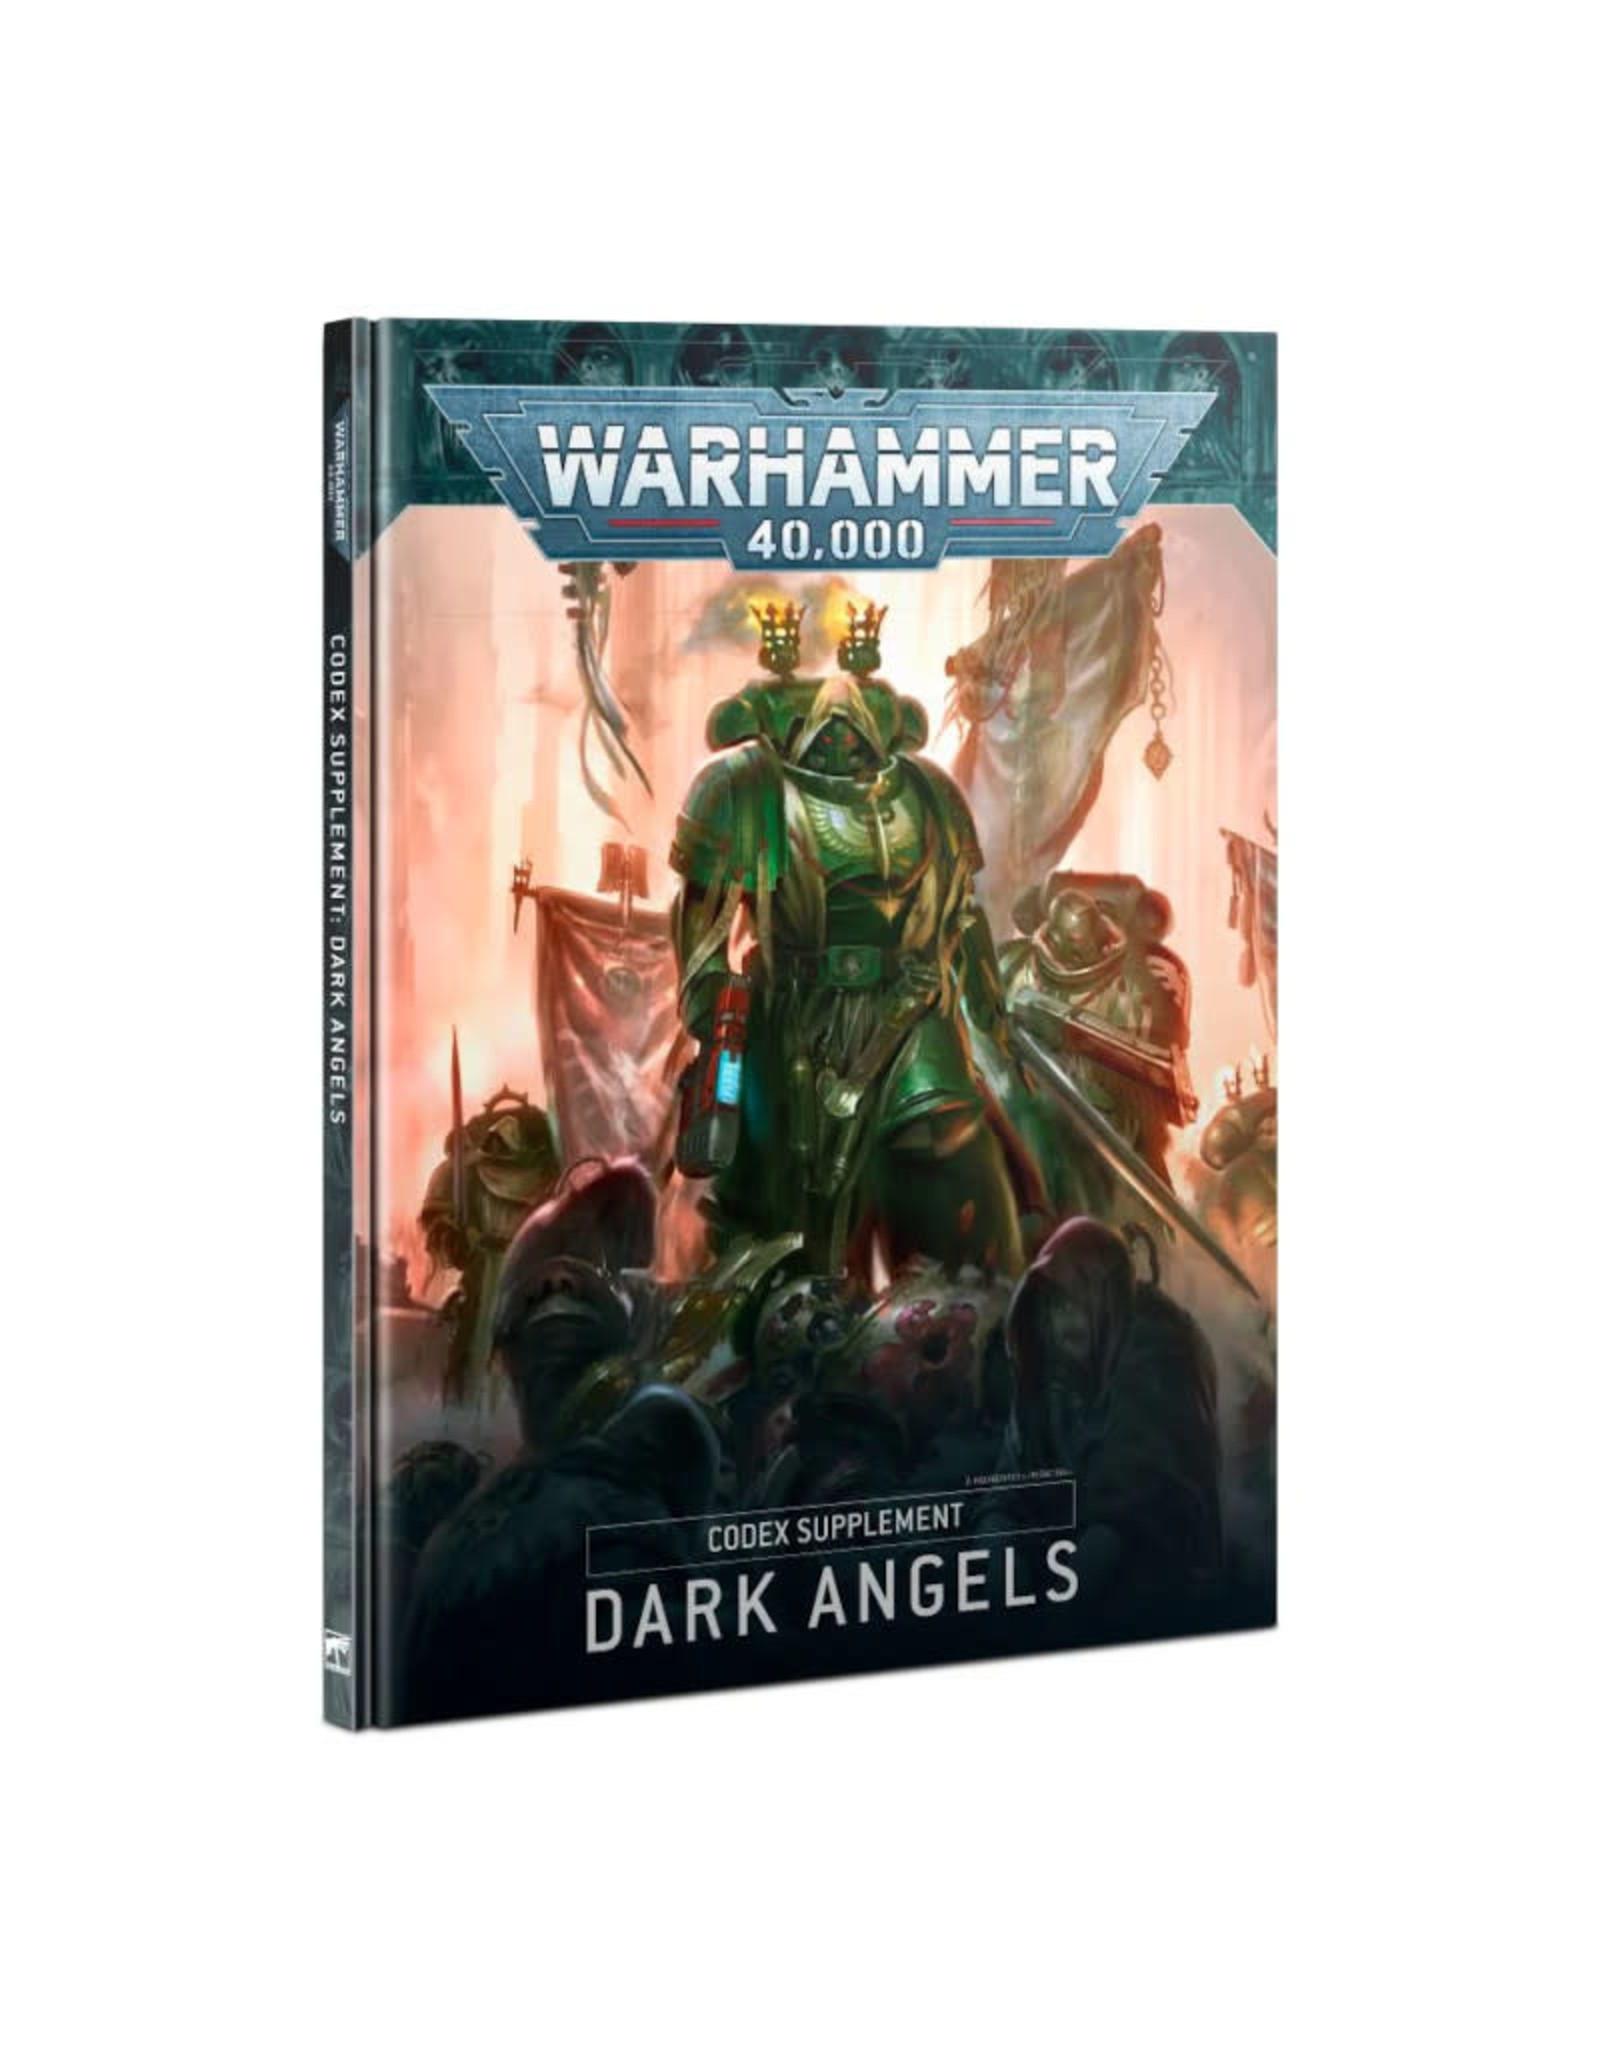 Games Workshop Warhammer 40k Codex Supplement: Dark Angels (9th Edition)